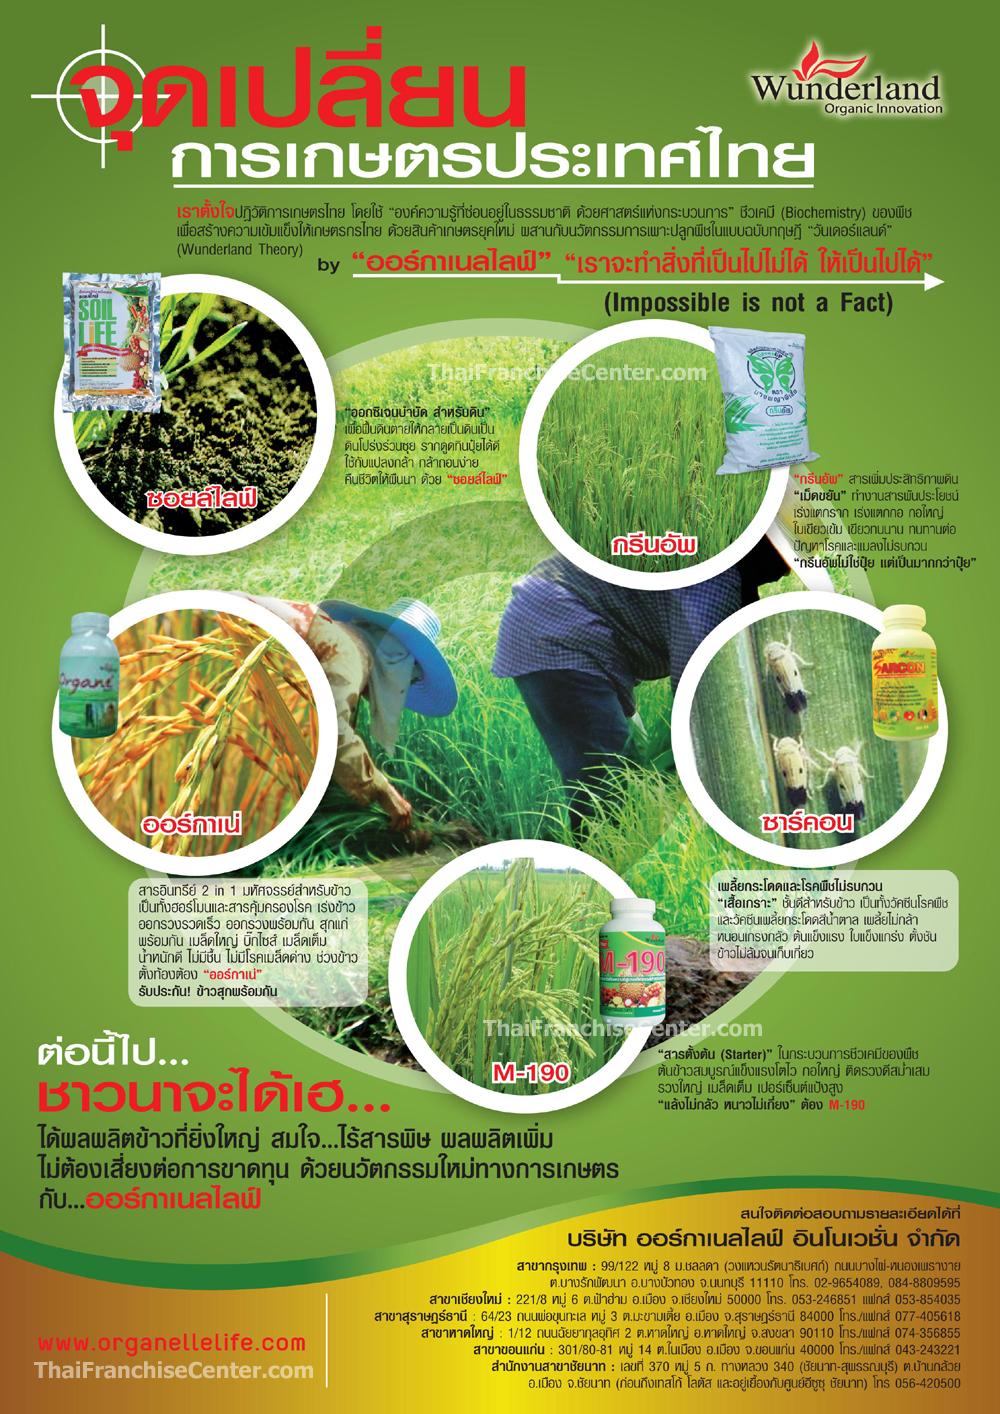 การเกษตรประเทศไทย